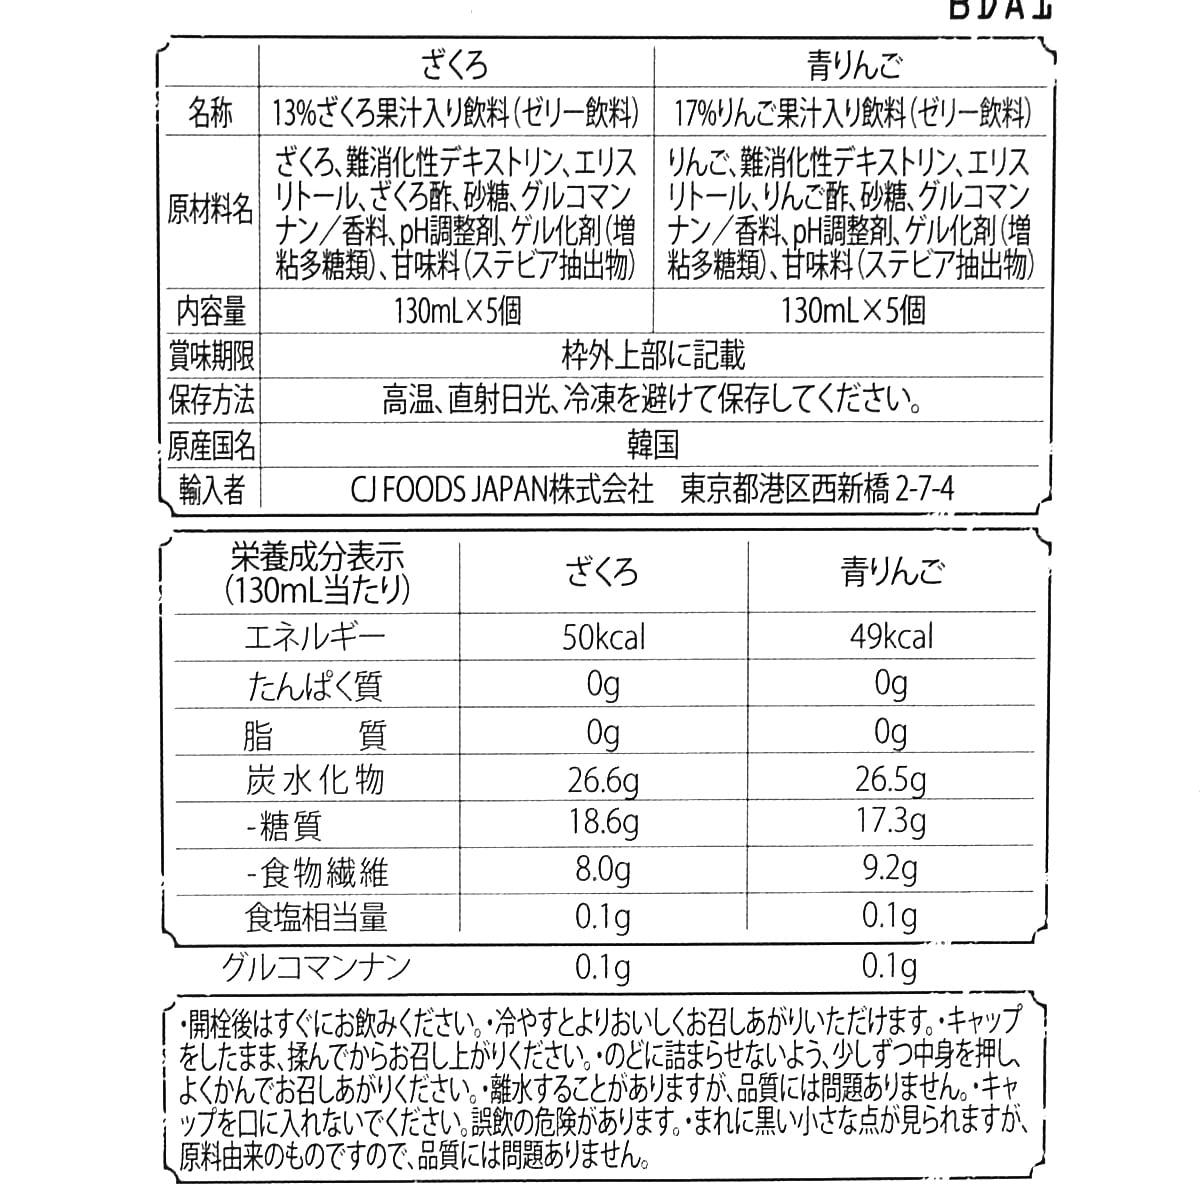 美酢(ミチョ)ビューティービネガーゼリー 10パック入 商品ラベル(原材料・カロリーほか)